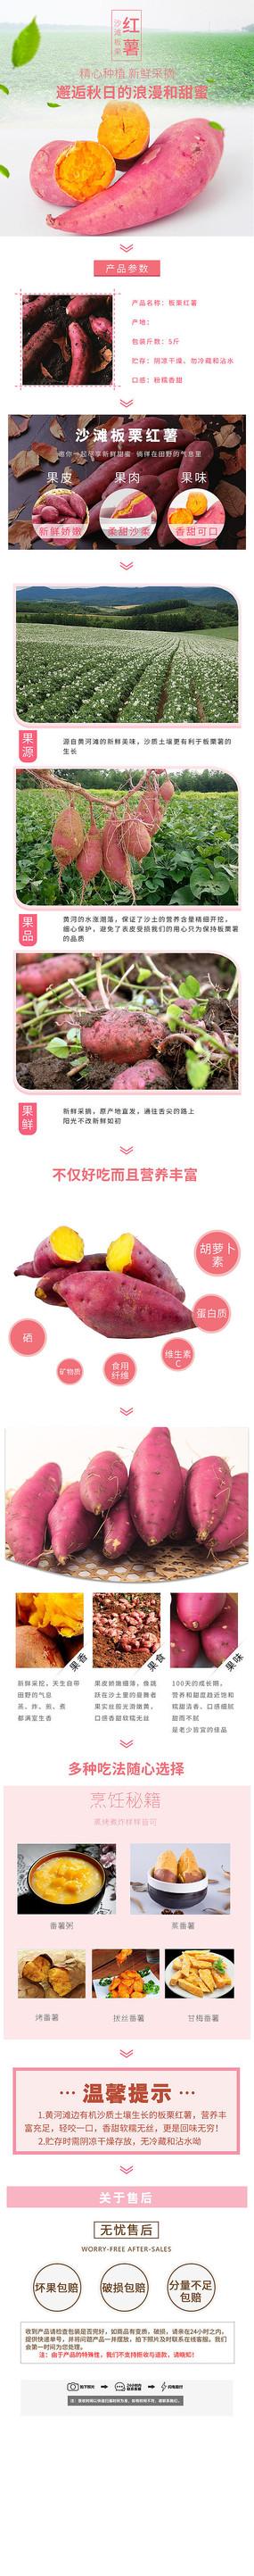 红薯地瓜淘宝详情页